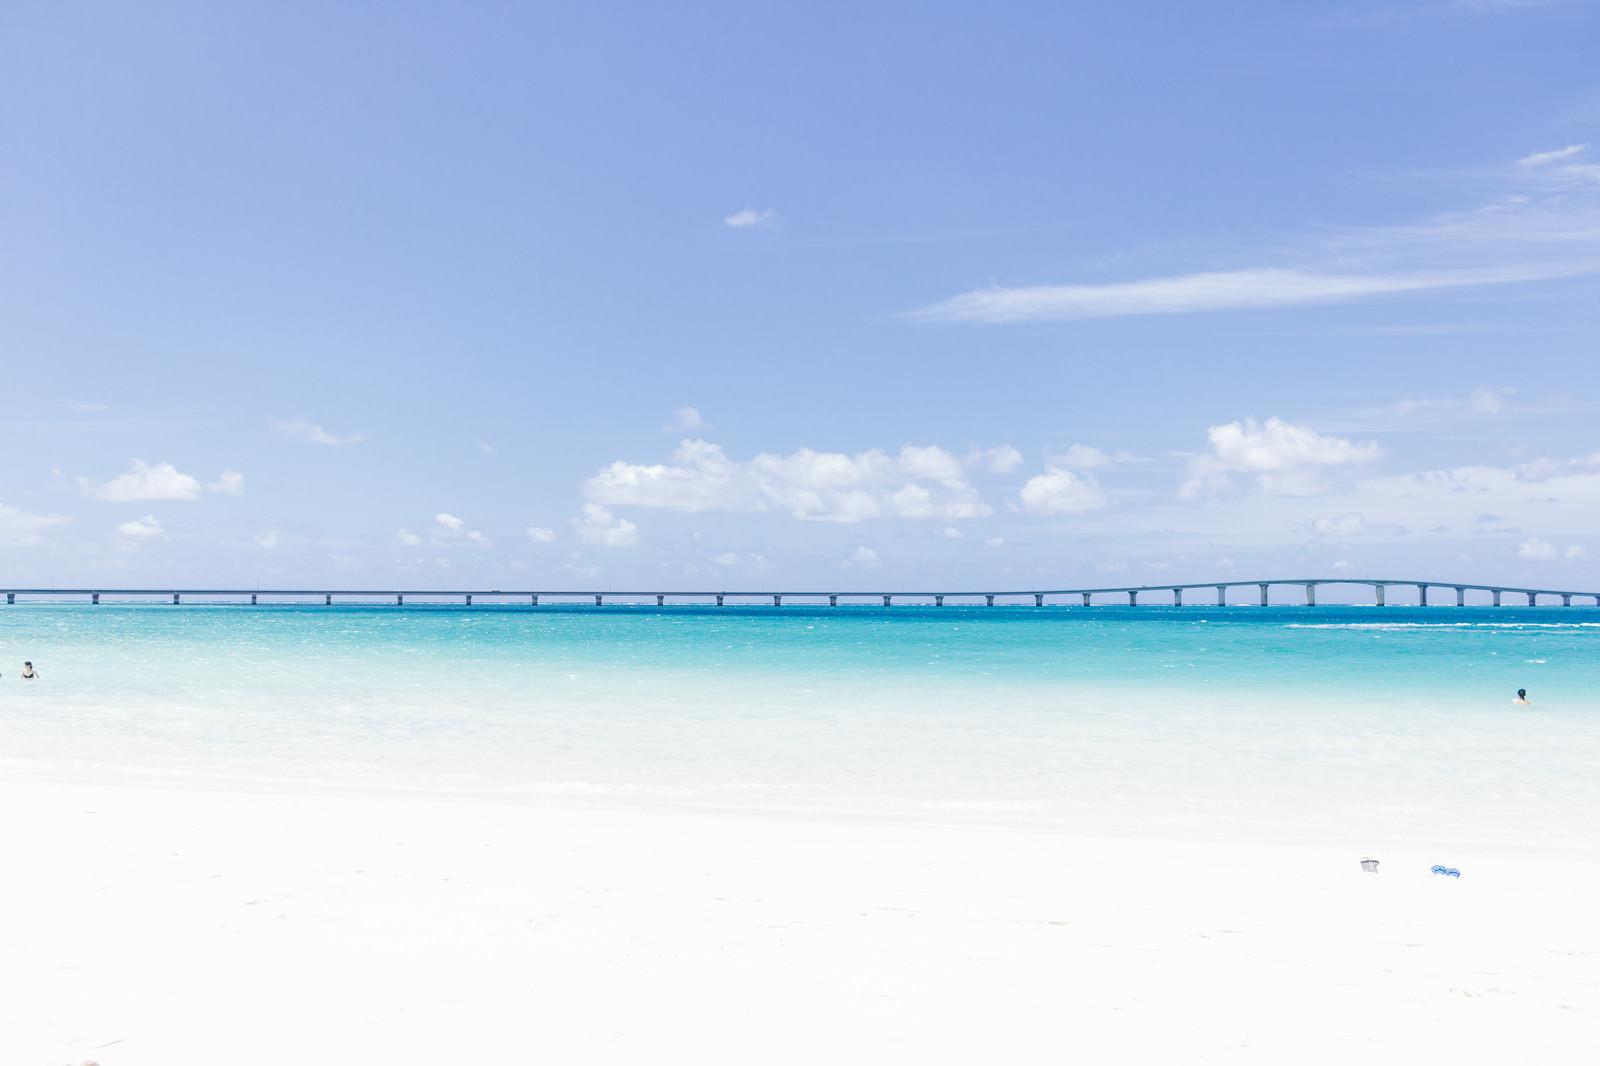 「宮古島と伊良部島を結ぶ「伊良部大橋」宮古島と伊良部島を結ぶ「伊良部大橋」」のフリー写真素材を拡大